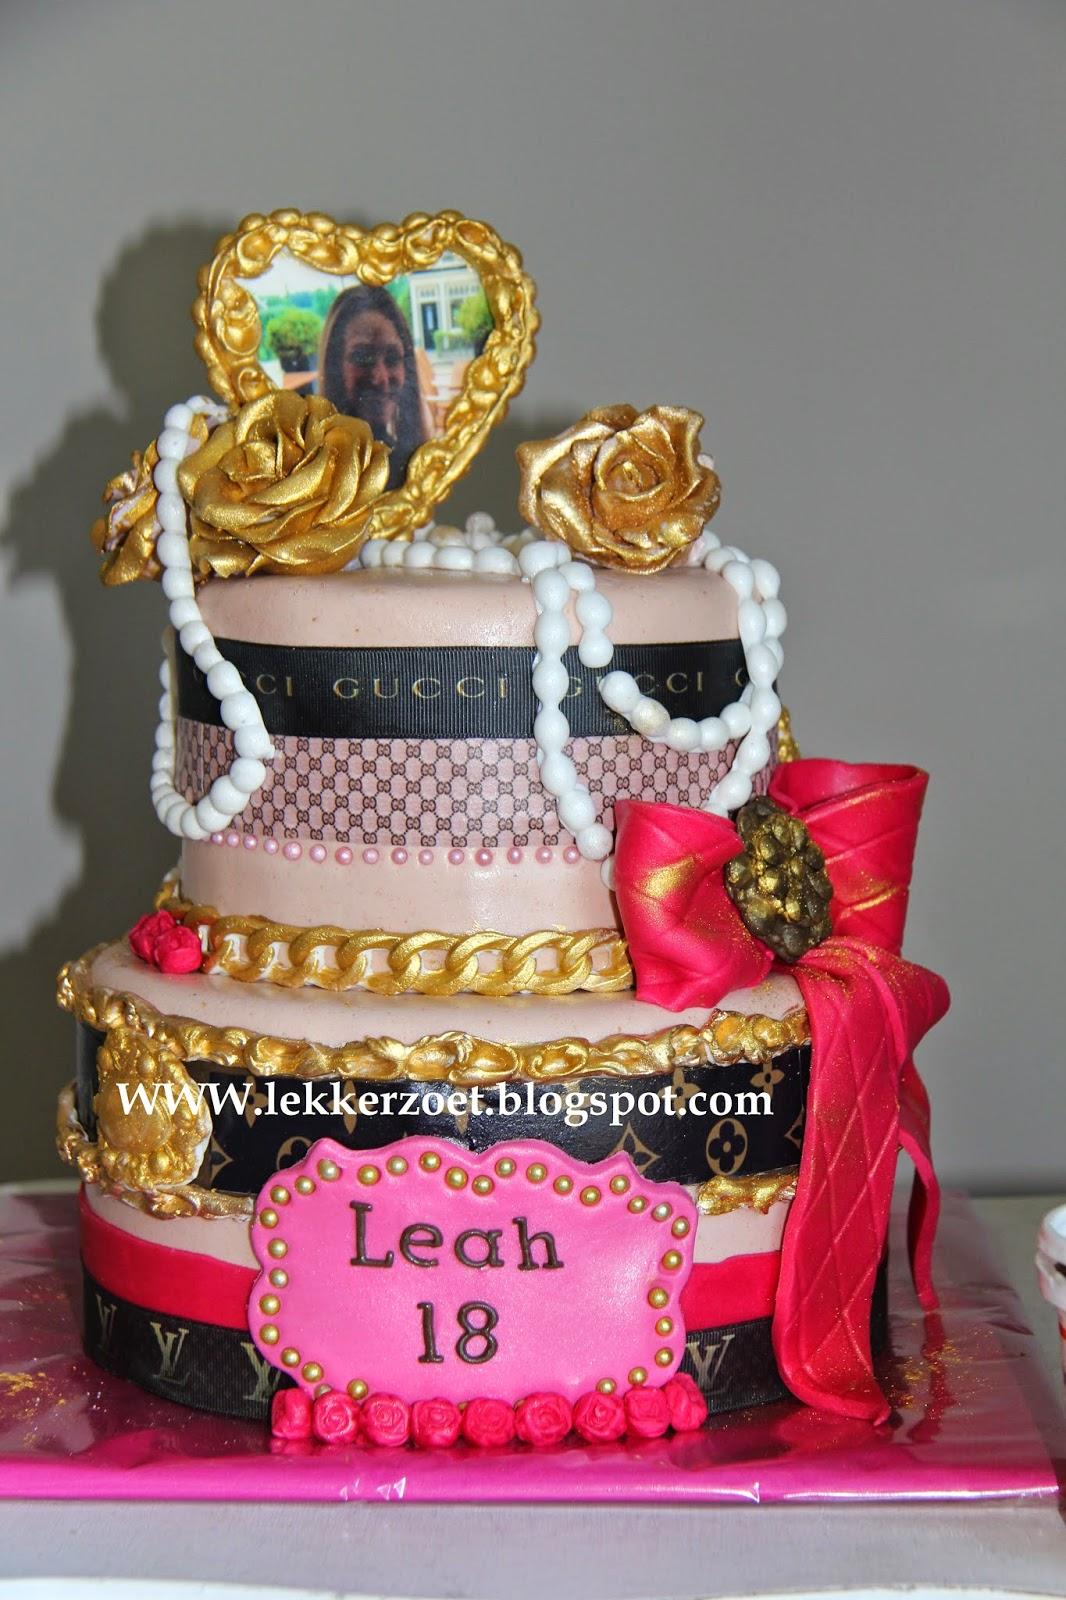 Top lekker zoet: Gucci/ louis Vutton taart voor Leah 18 jaar AD17